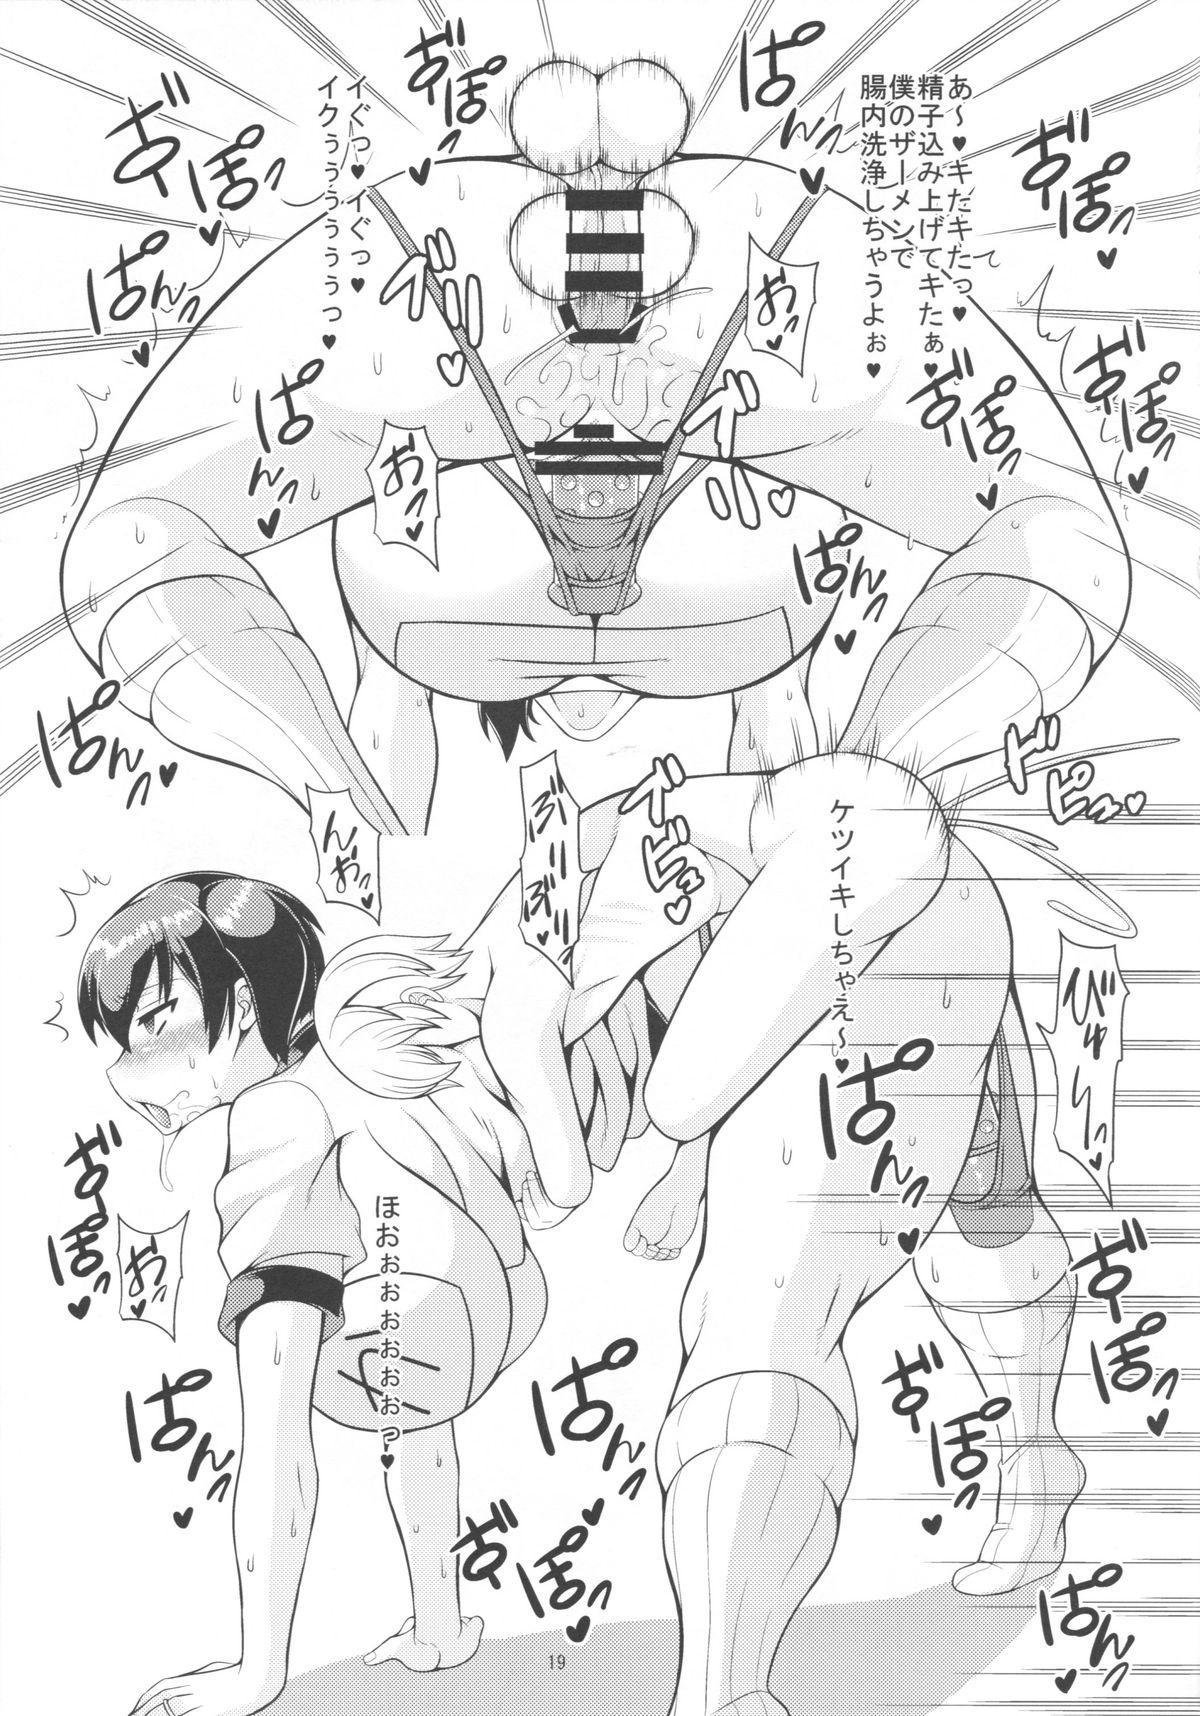 Kaga-san ga ShotaChin de Nhoo♥ suru Hon Kai 18